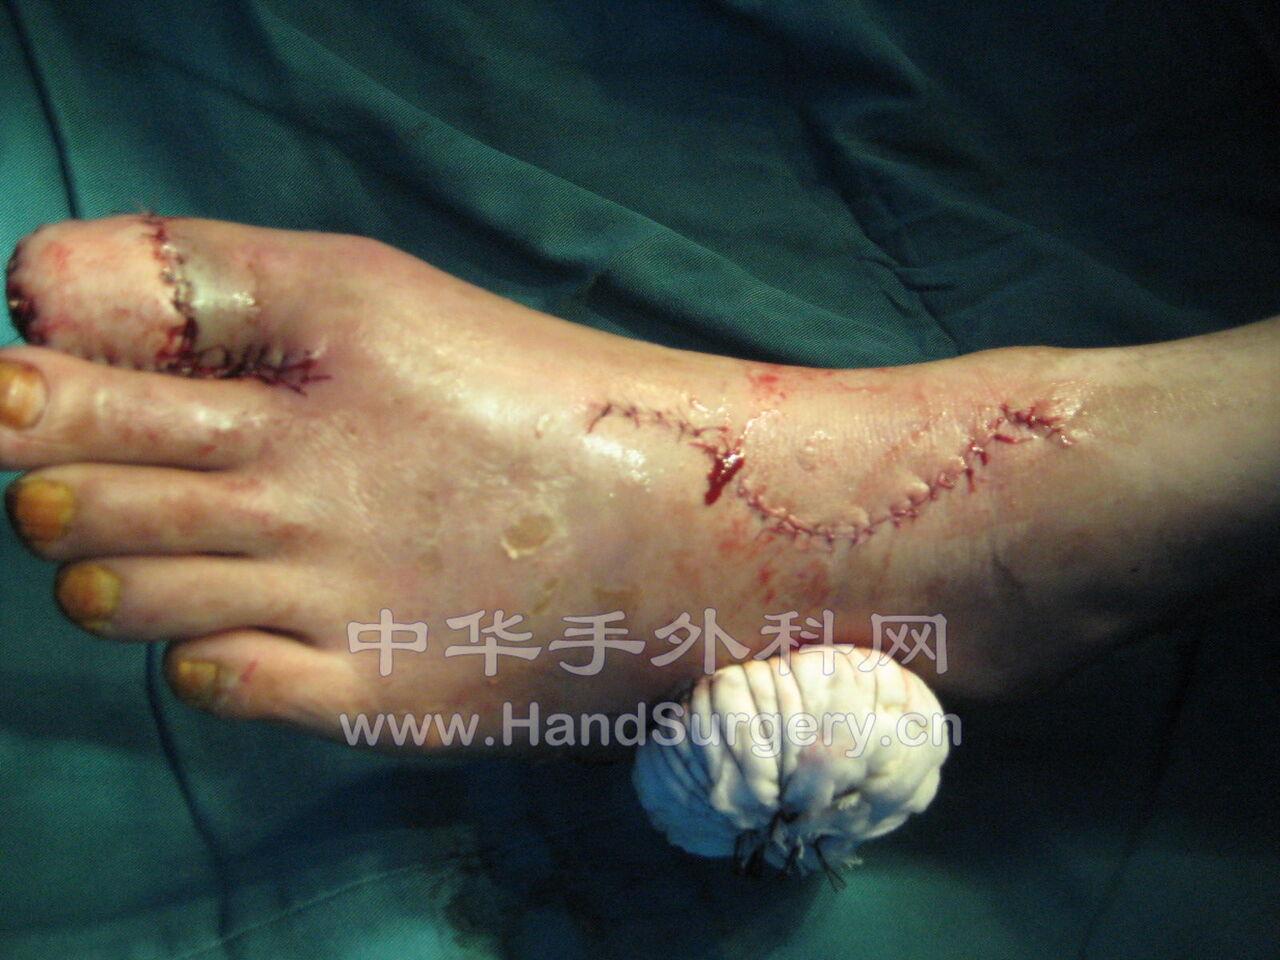 �[趾压砸伤后跗外侧皮瓣修复(模仿)。 - 经典病